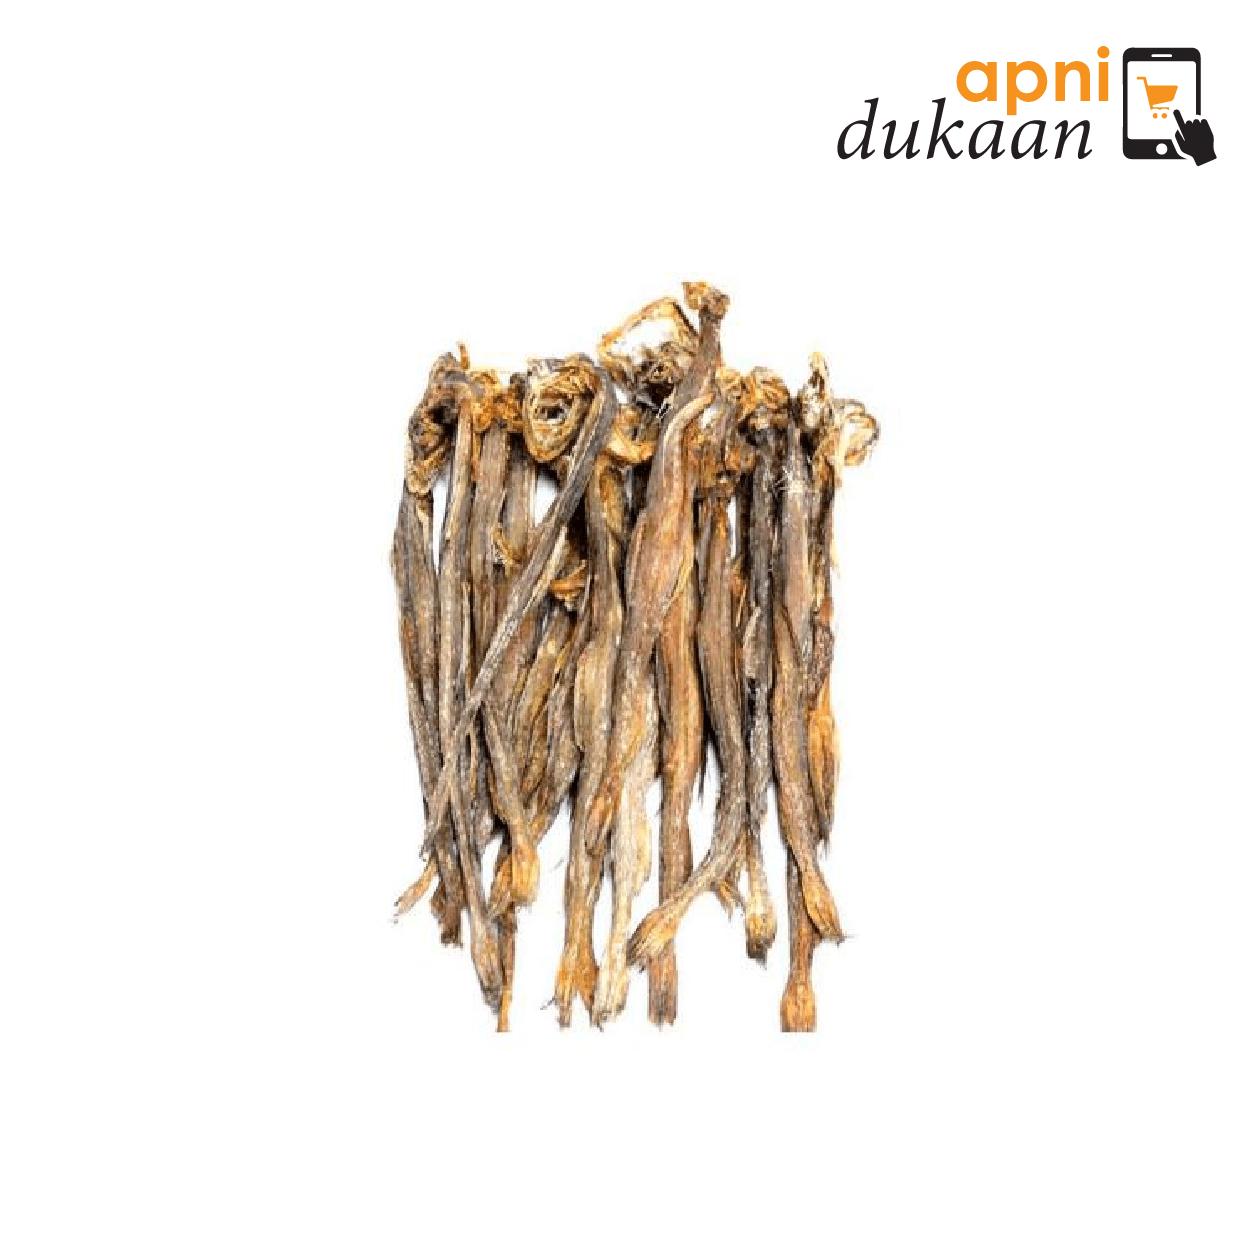 Bangladeshi Dry Loitta Fish – 250g